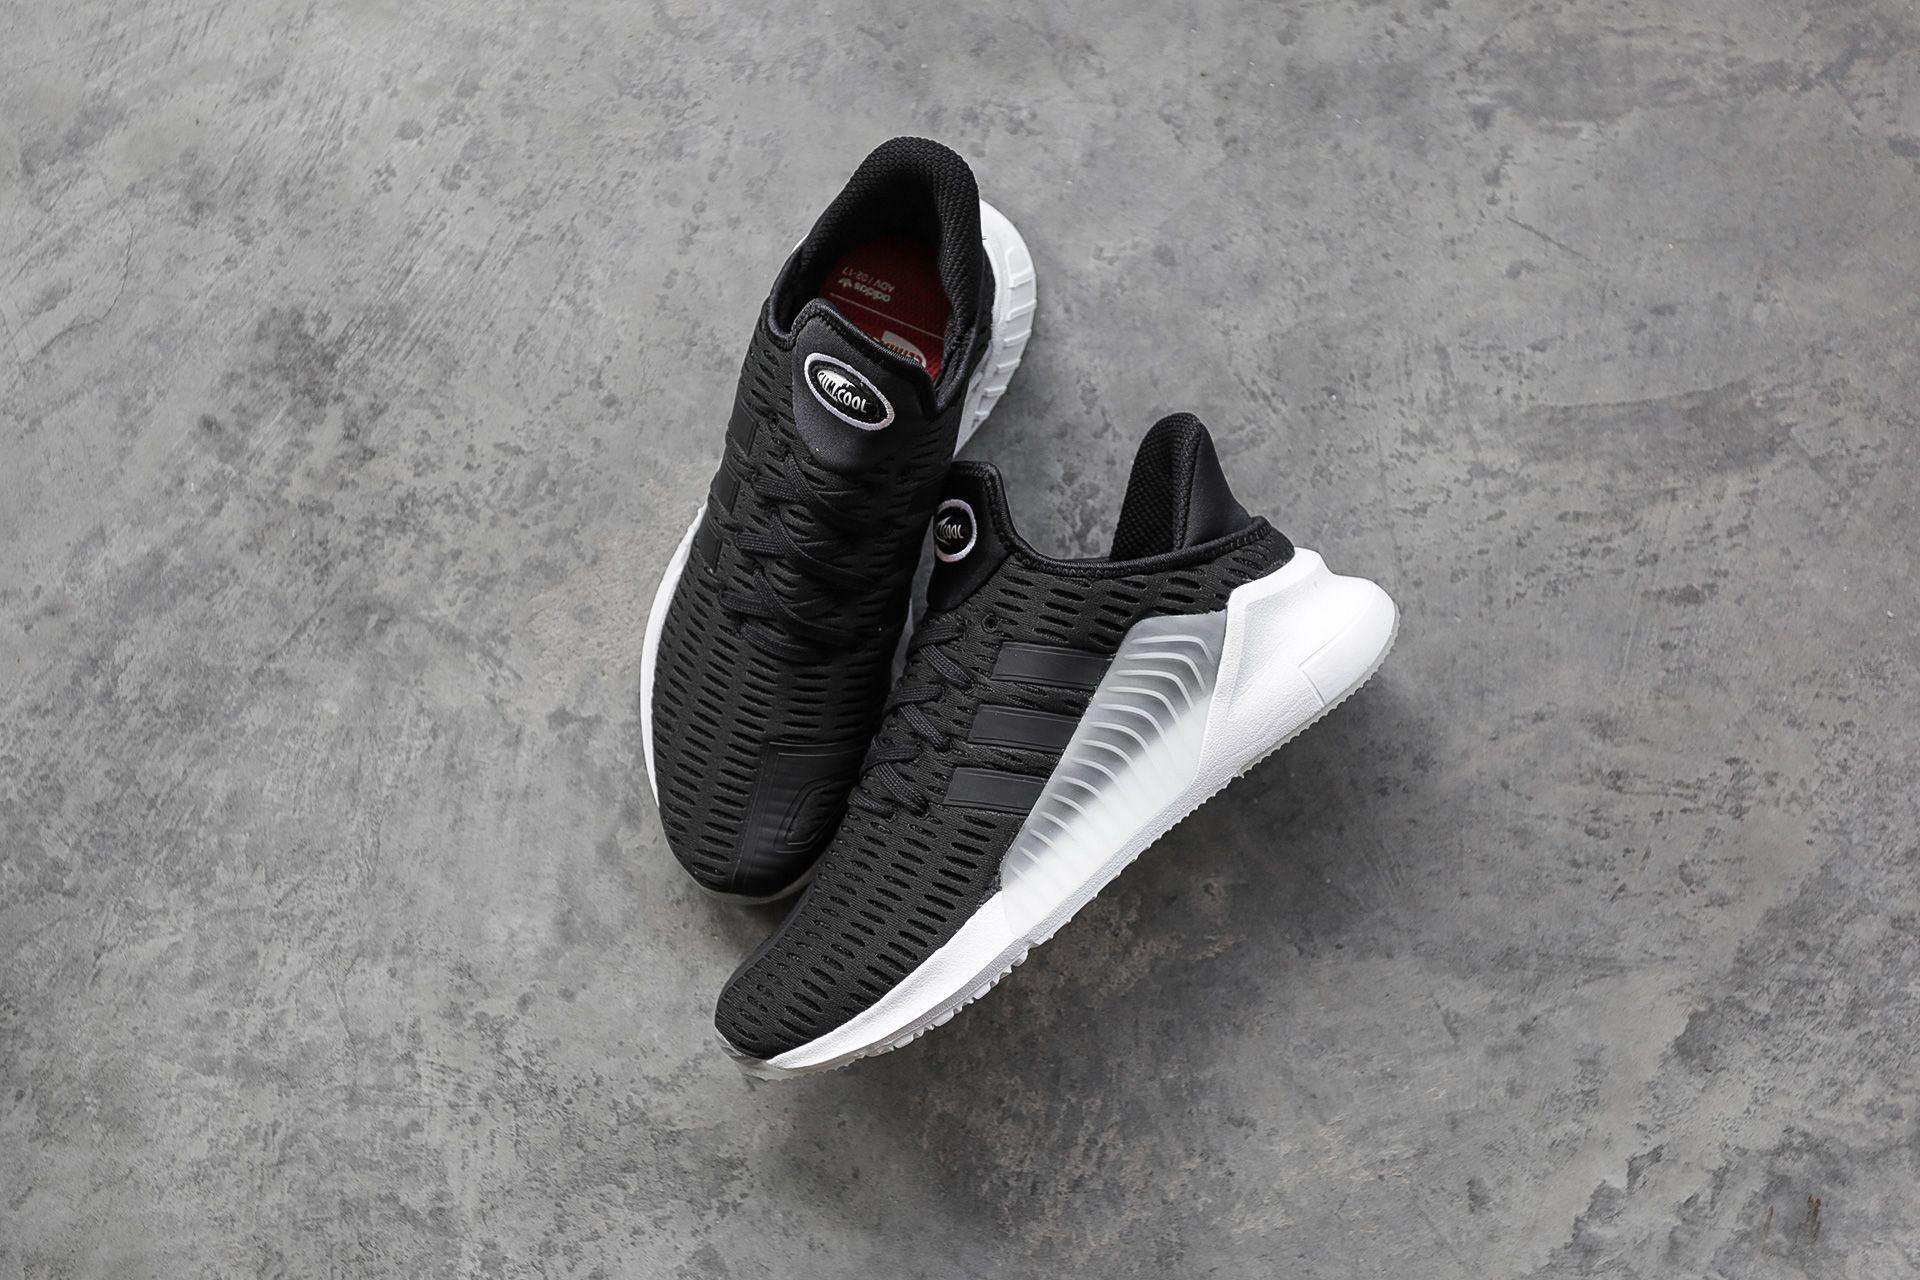 72e5892ad ... Купить мужские черные кроссовки adidas Originals Climacool 02/17 - фото  3 картинки ...